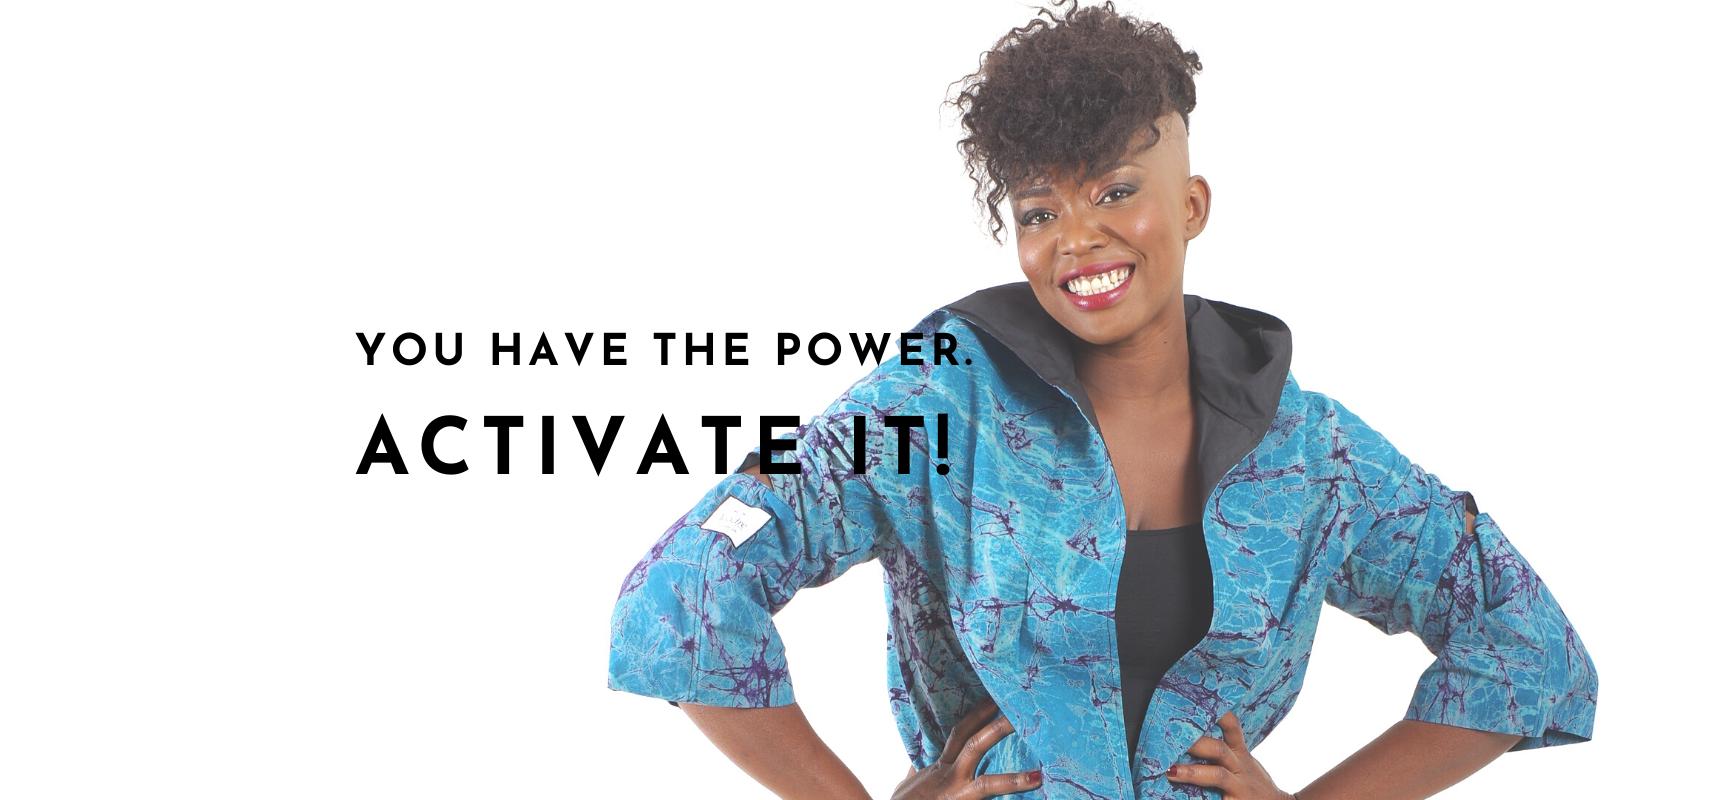 Joadre joana reiterer empower african women